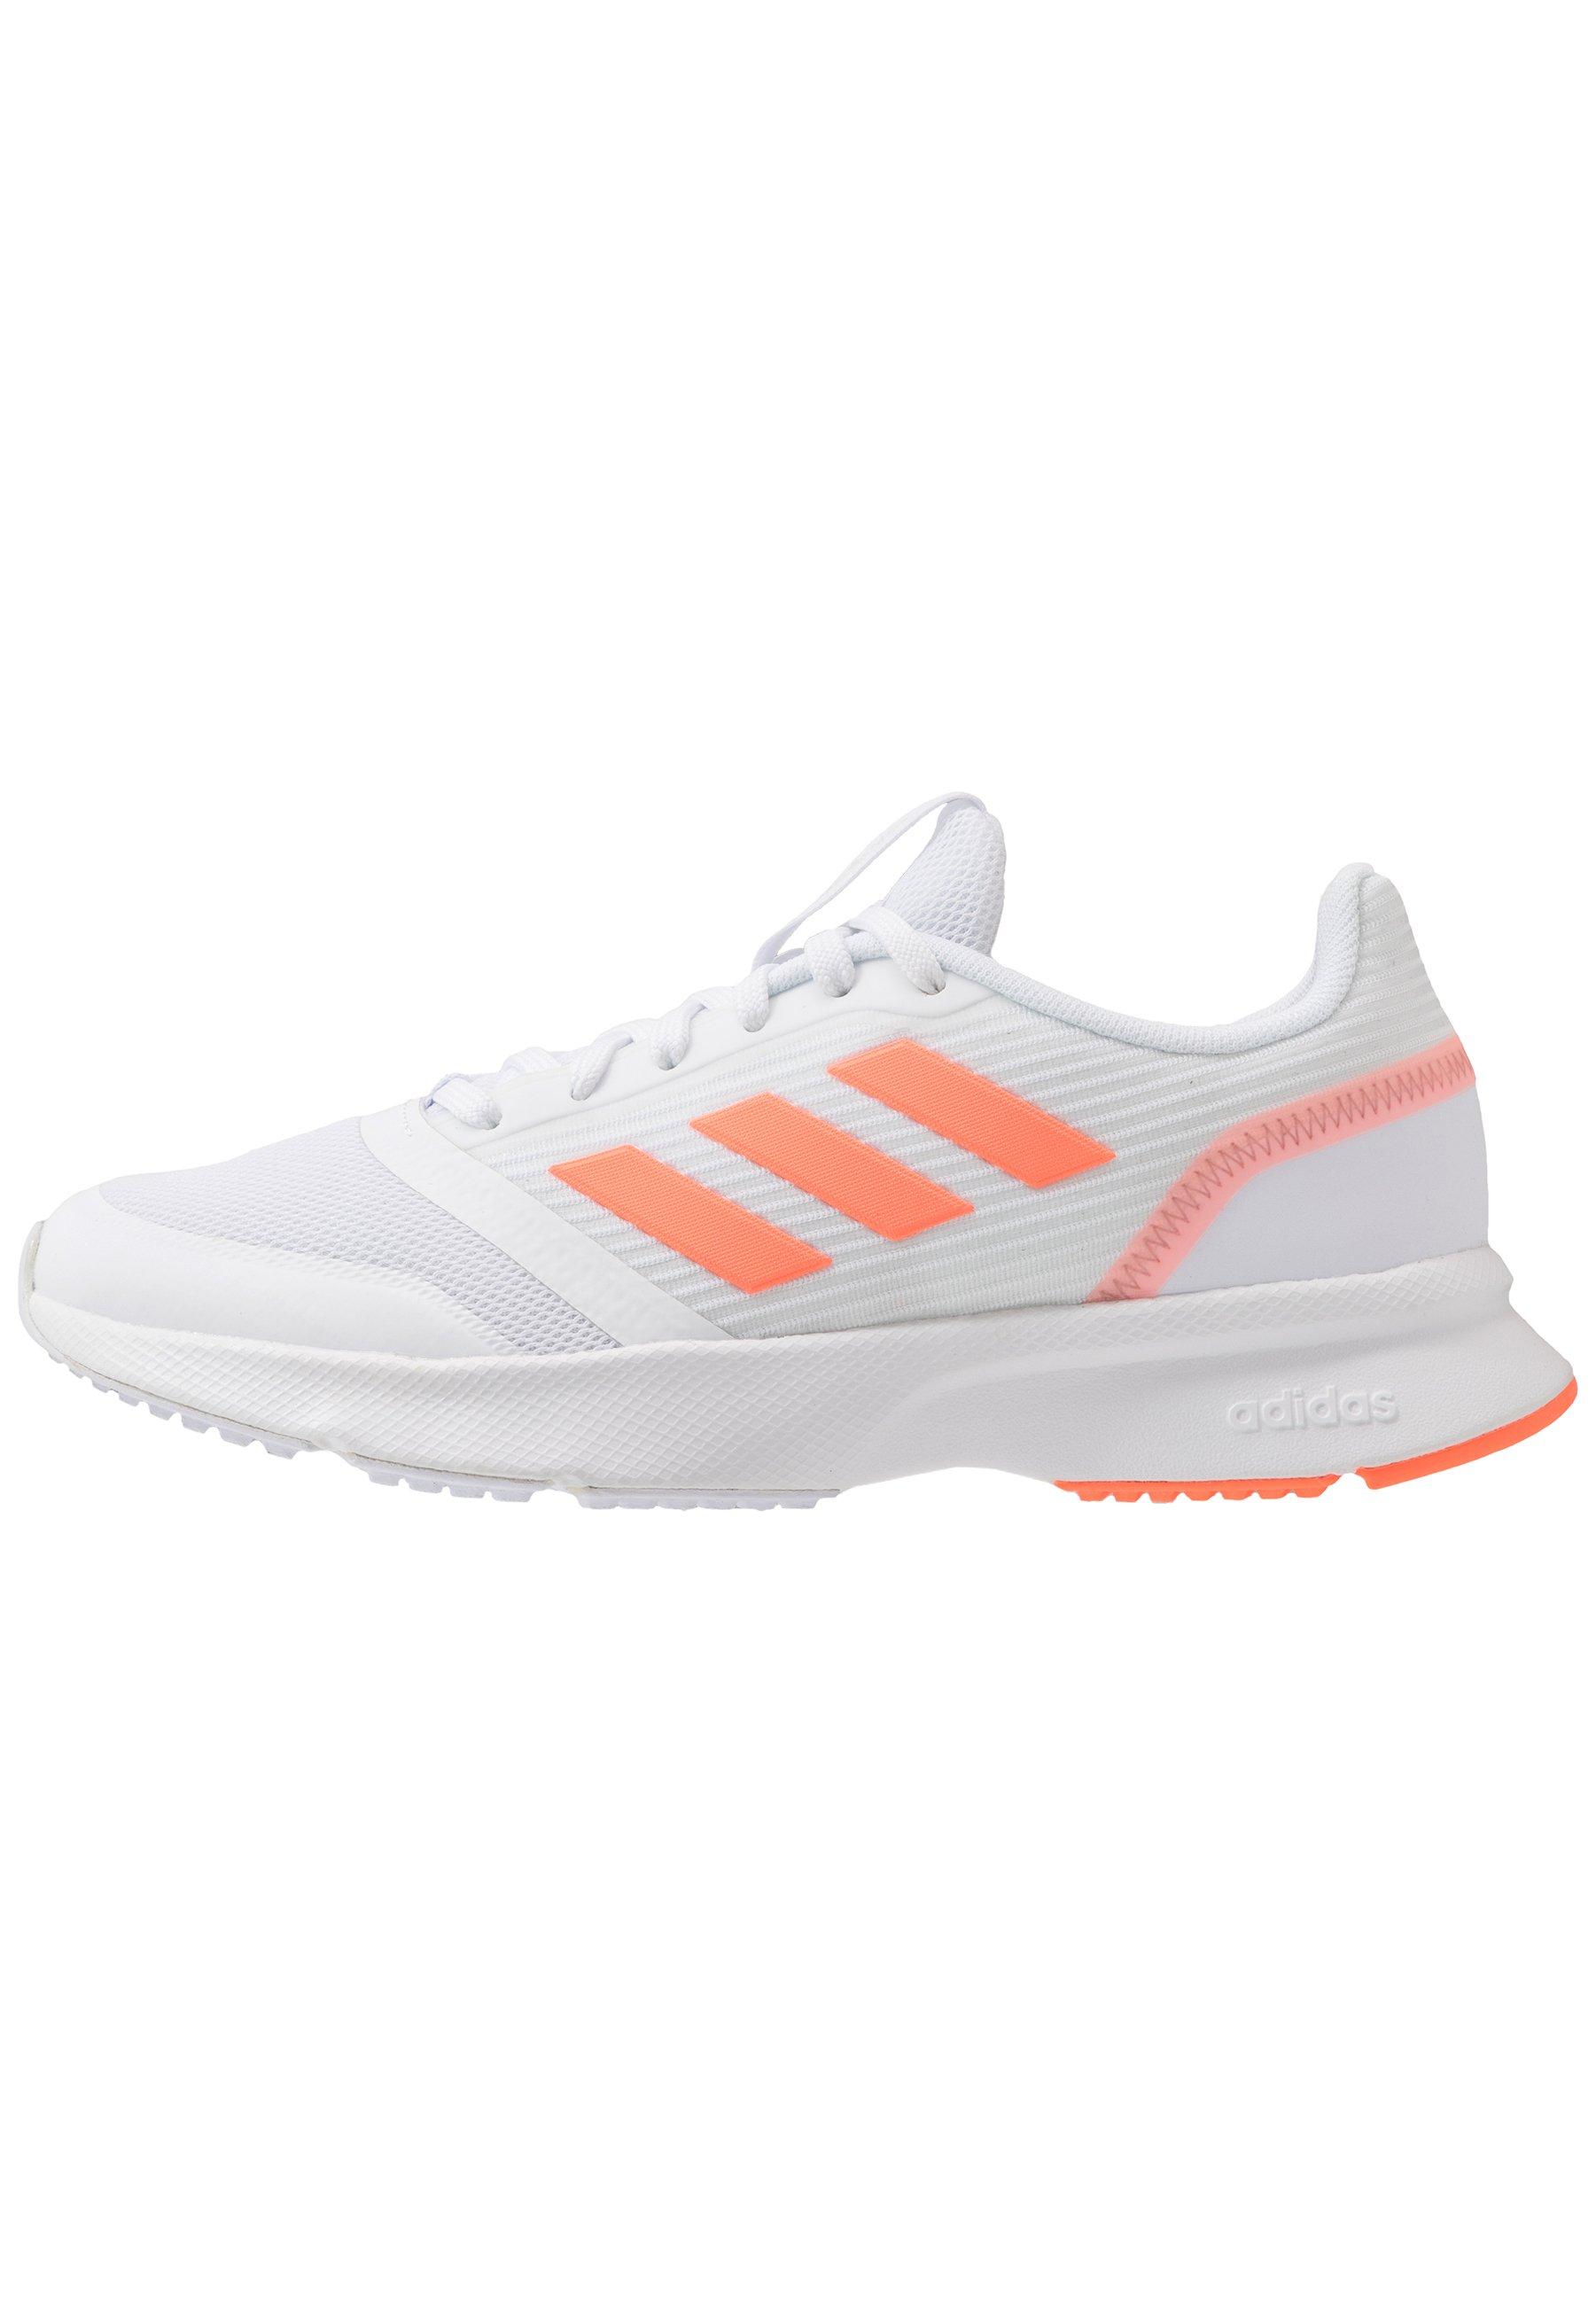 Zapatillas adidas Response coral naranja mujer